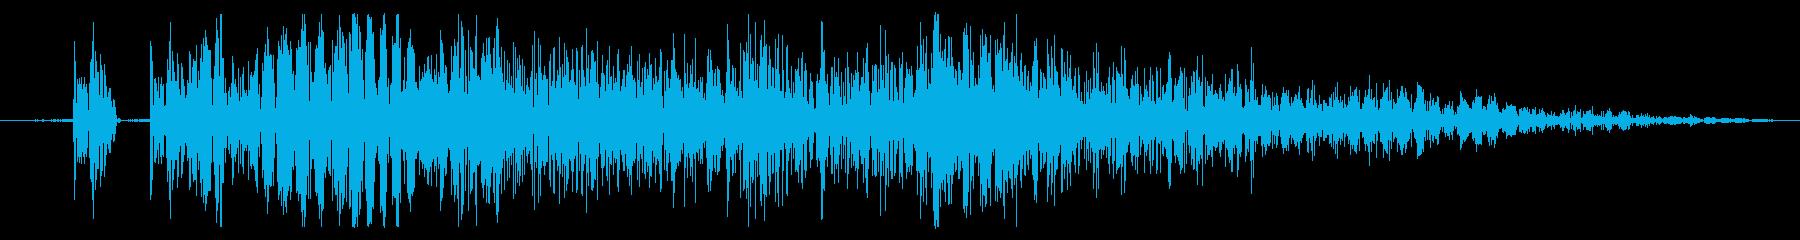 【打撃音02】パンチやキックに最適です!の再生済みの波形